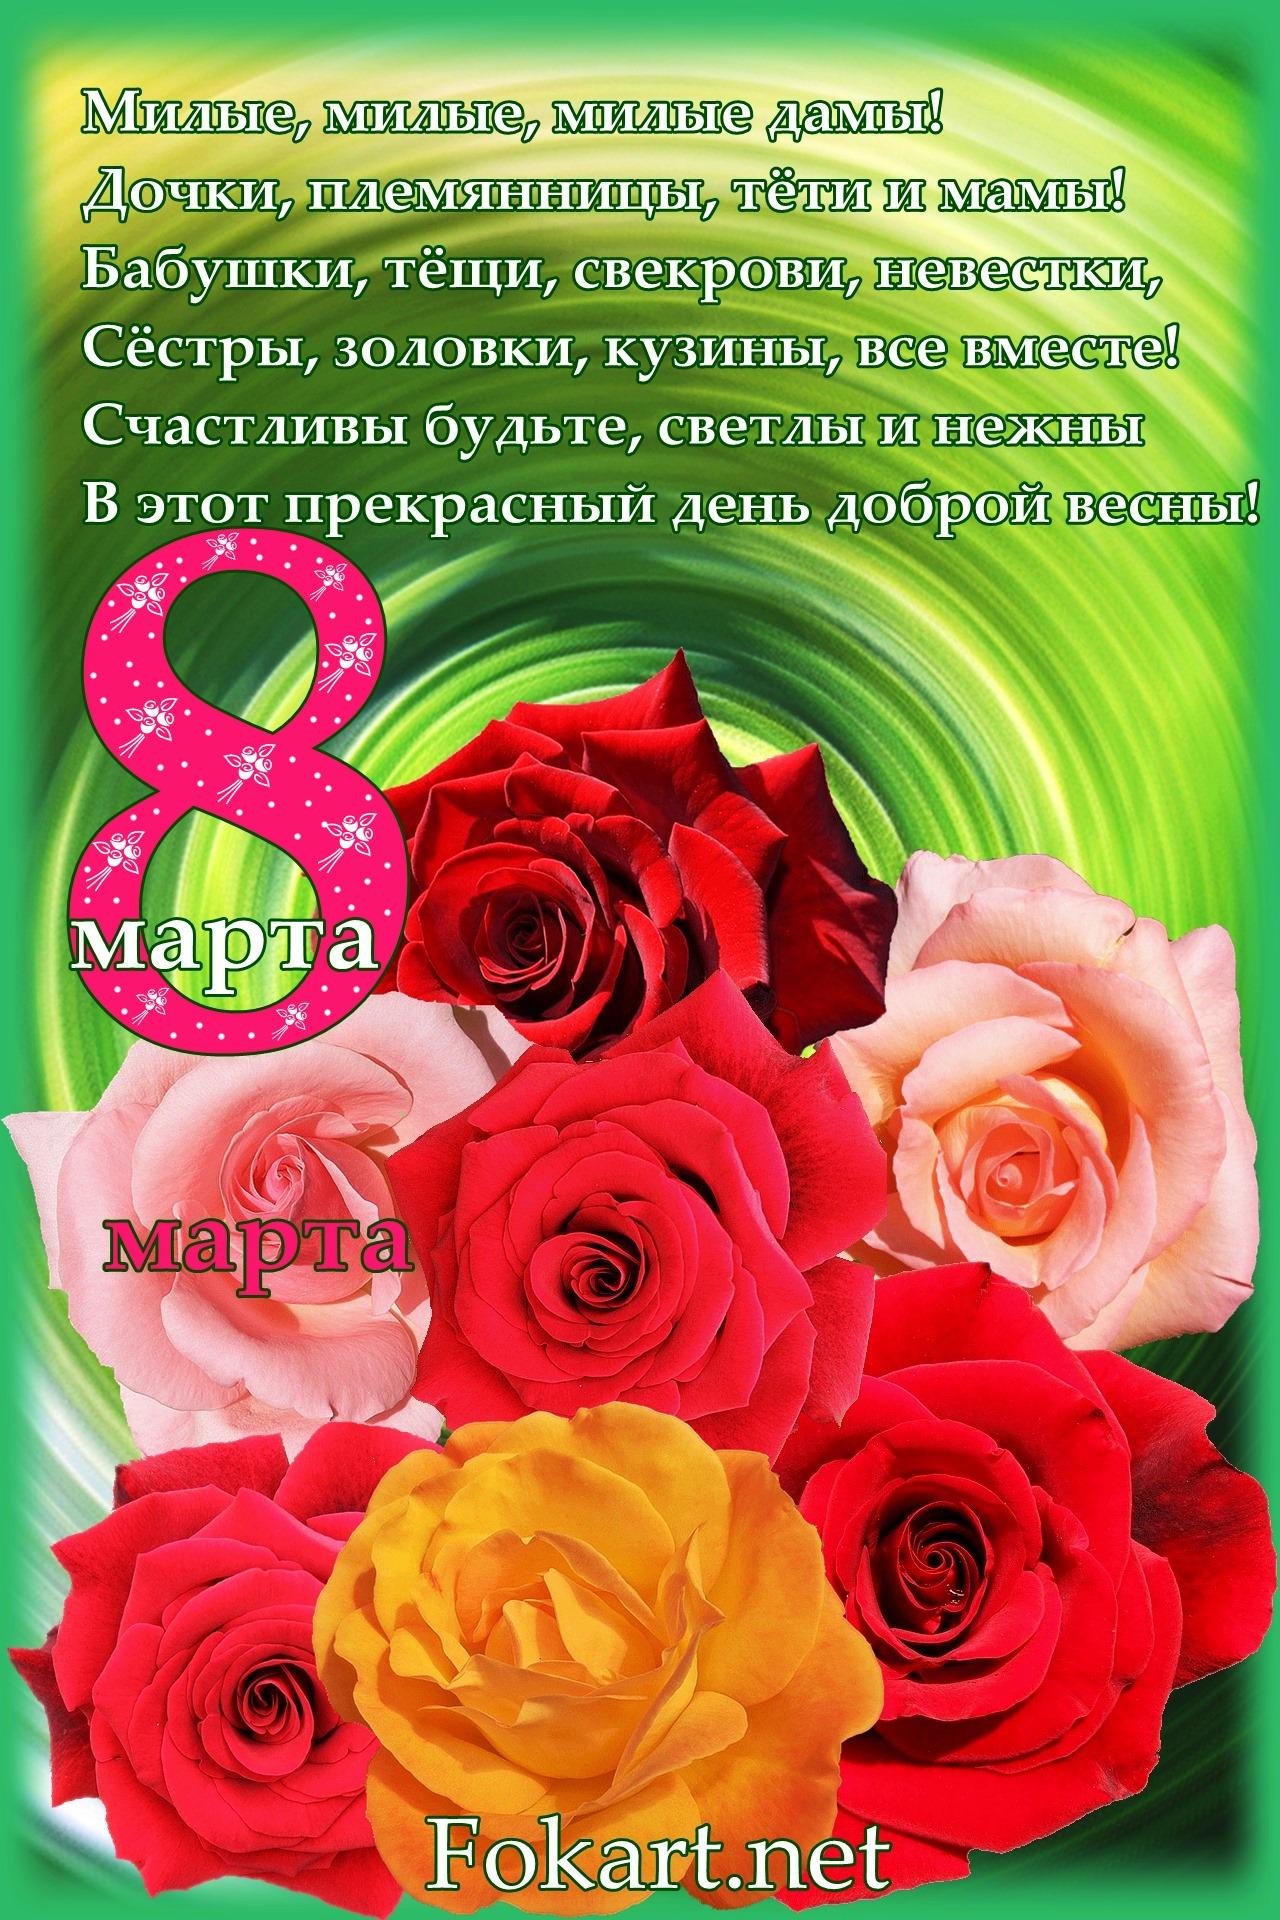 8 марта, розы, стихи8 марта, розы, стихи